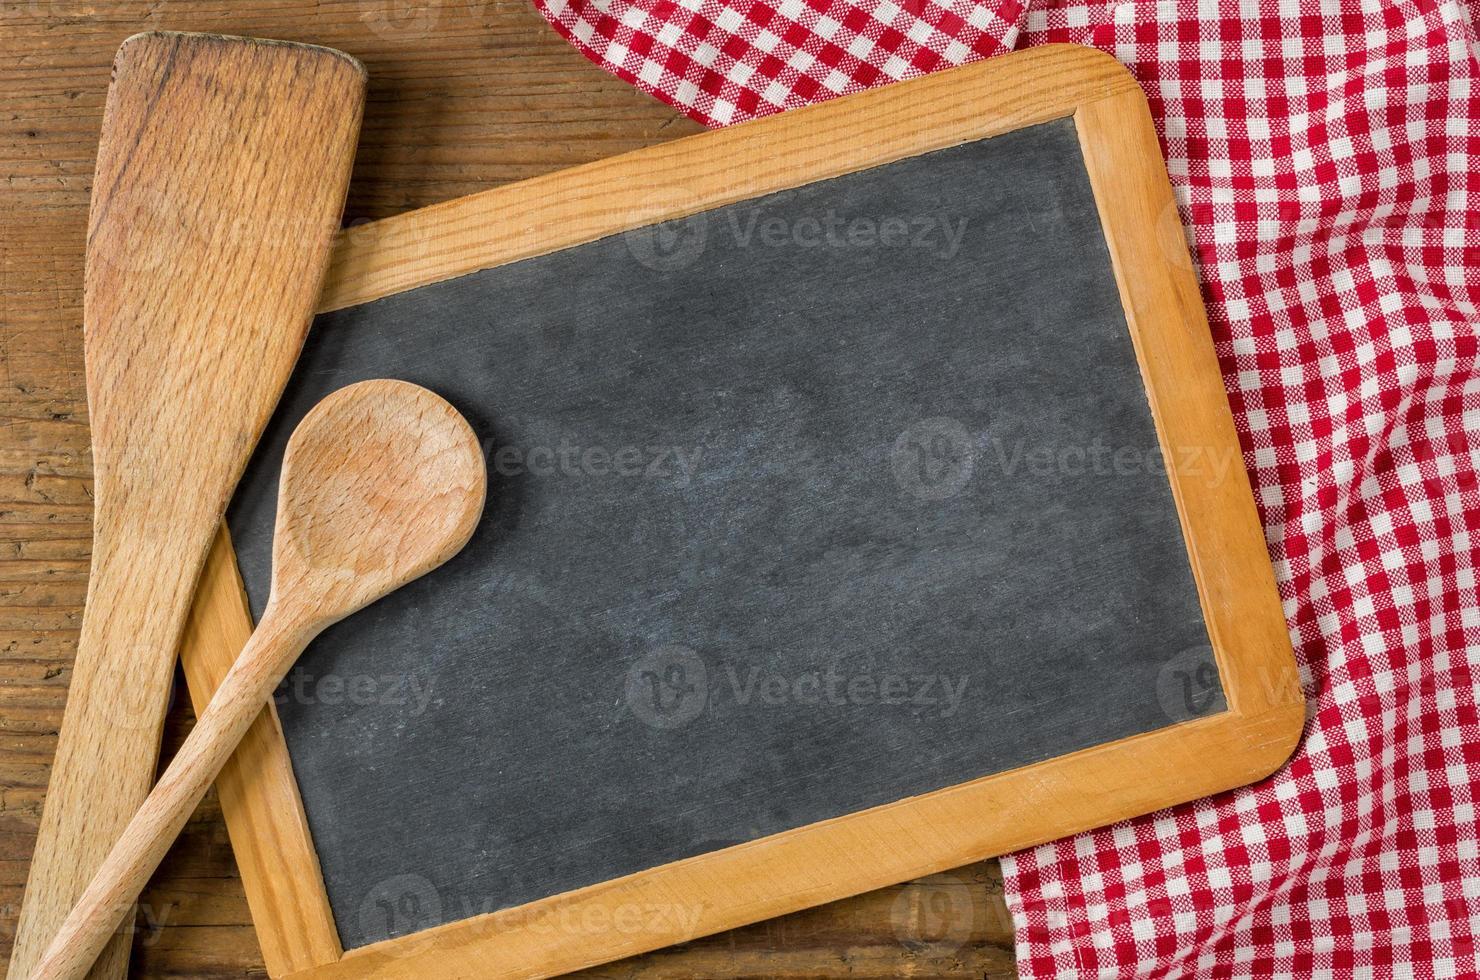 bord met houten lepels op een rood geruit tafelkleed foto